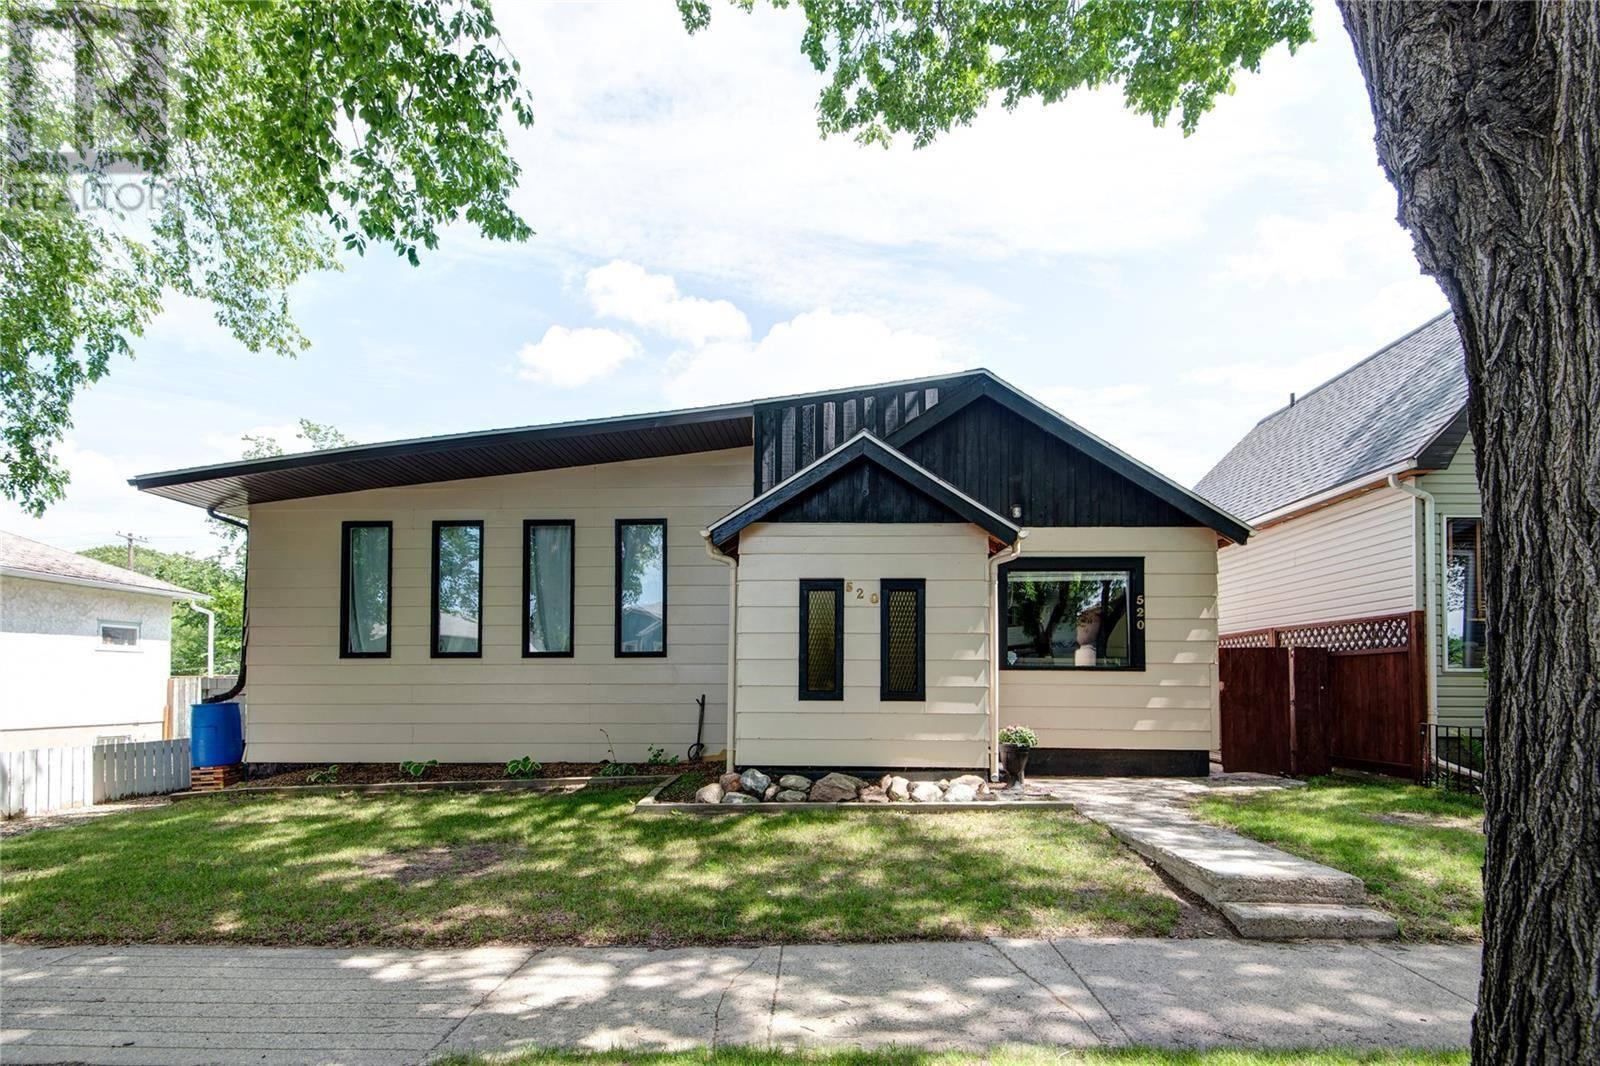 House for sale at 520 J Ave N Saskatoon Saskatchewan - MLS: SK787929